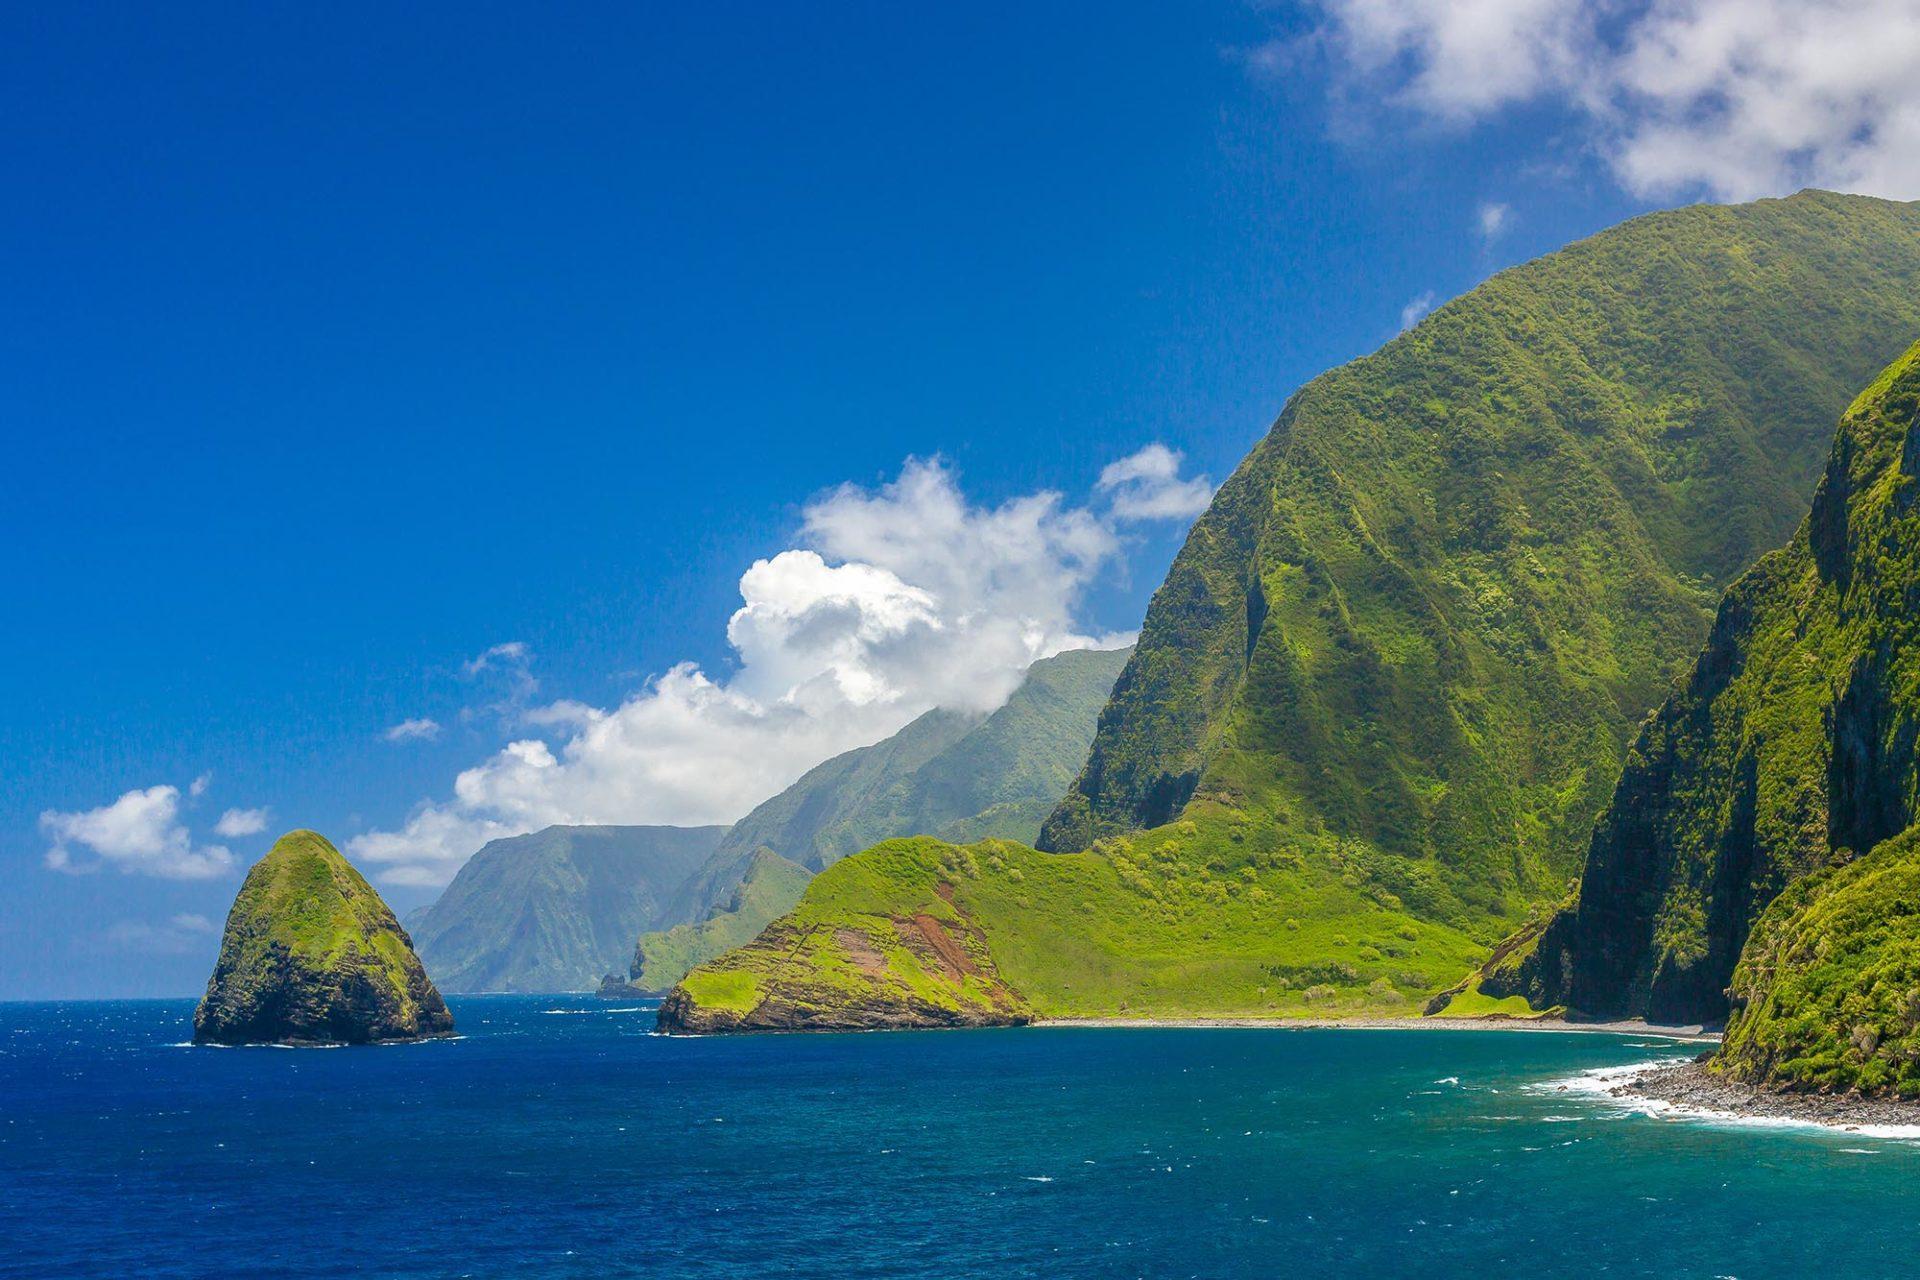 How to Visit the Molokai Leper Colony Kalaupapa Hawaii